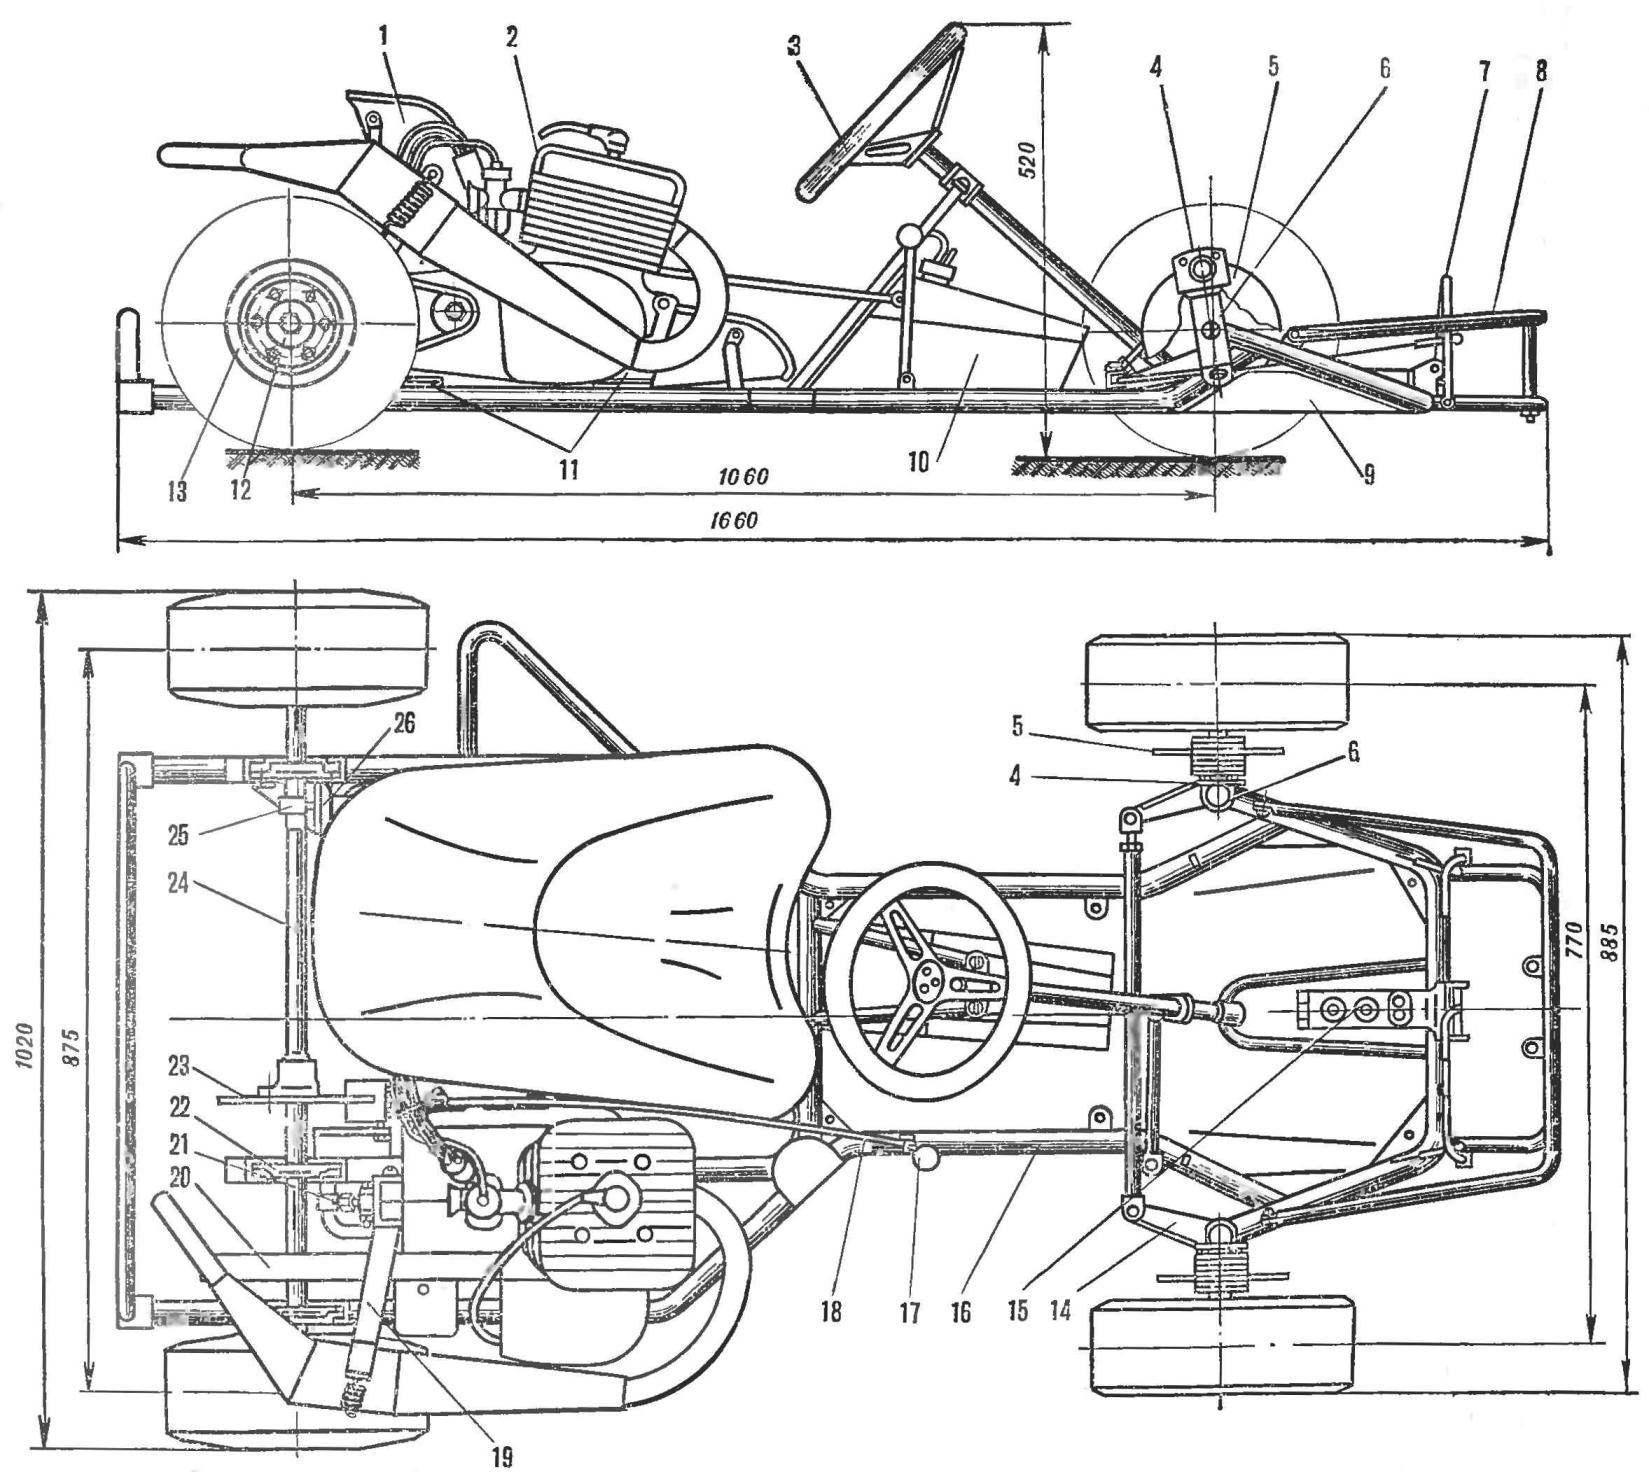 Рис. 1. Схема карта в двух проекциях